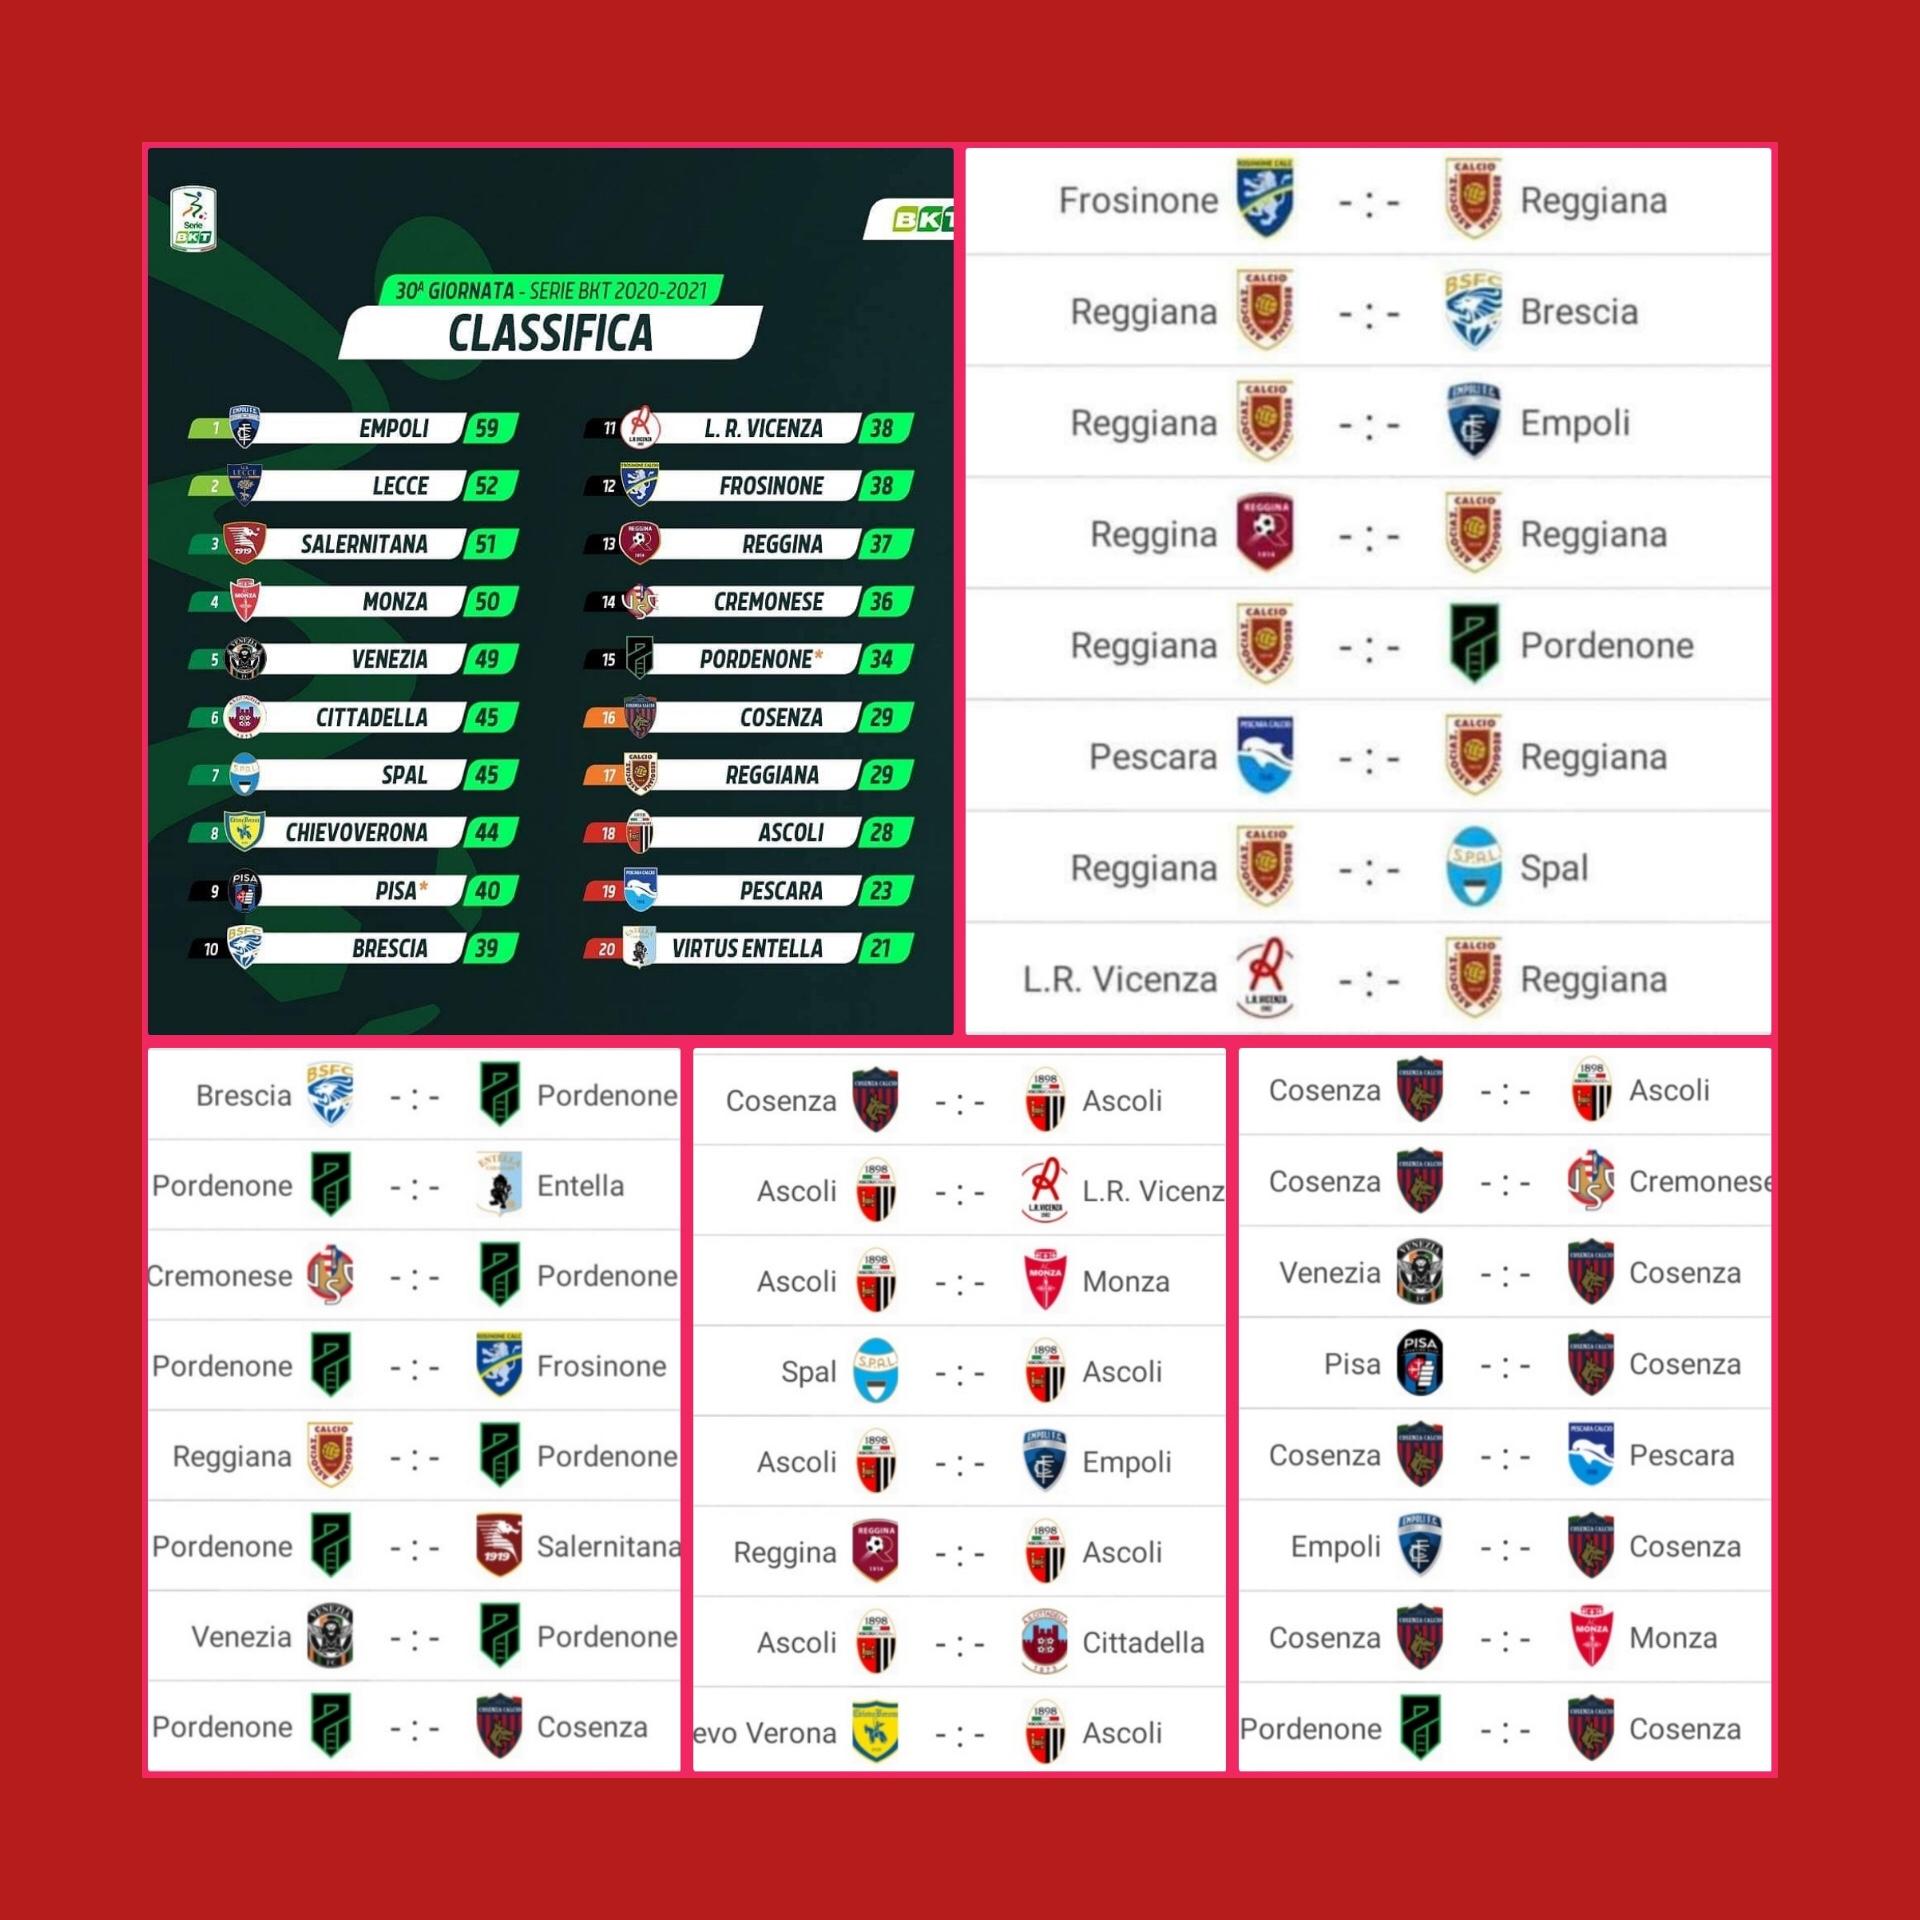 Il calendario: la Reggiana gioca l'ultima a Vicenza